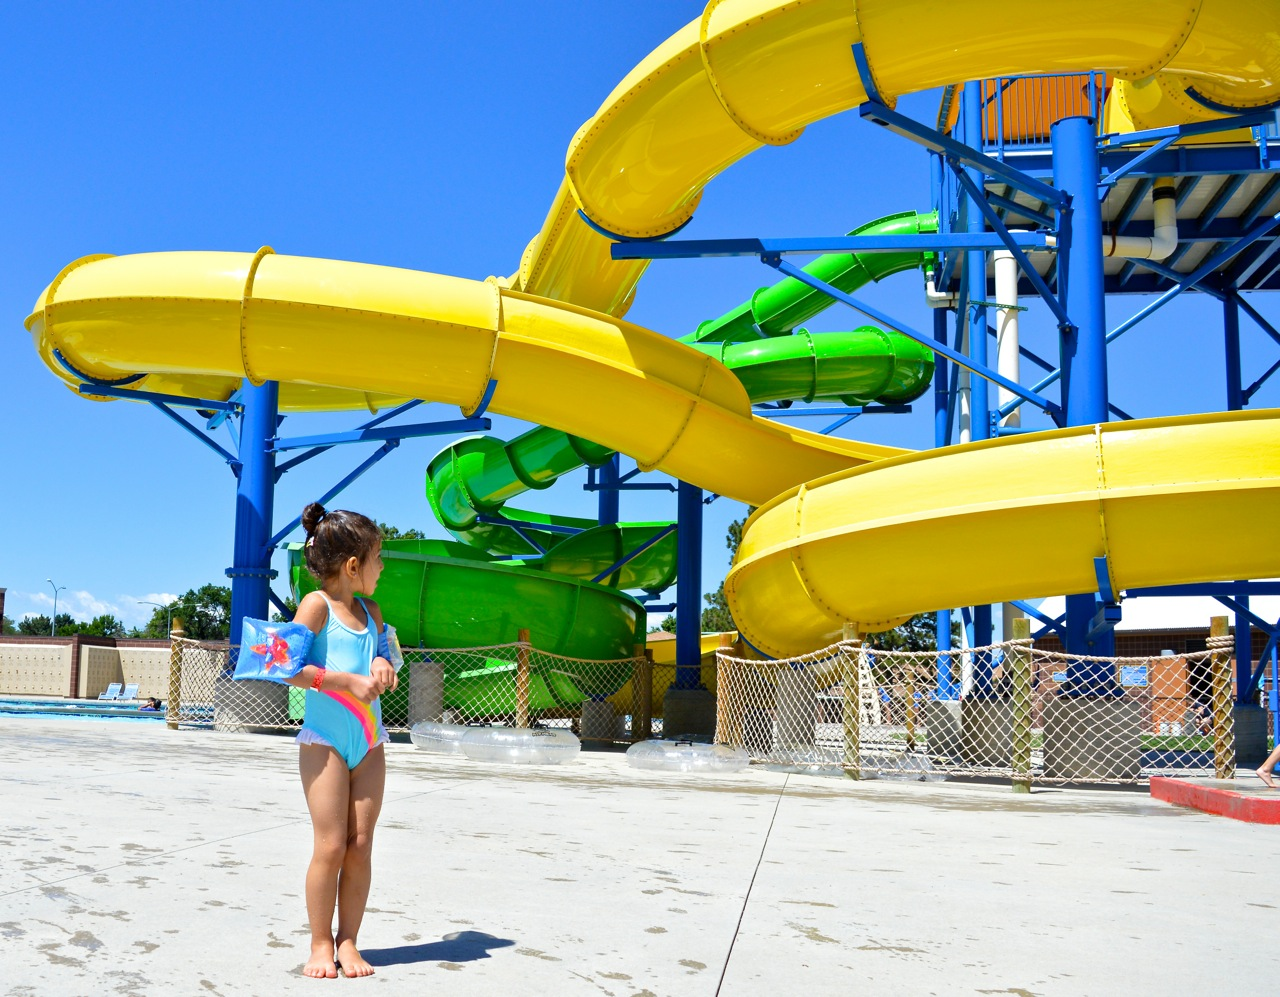 Del Mar Park Pool Aurora June 2018 27.jpg